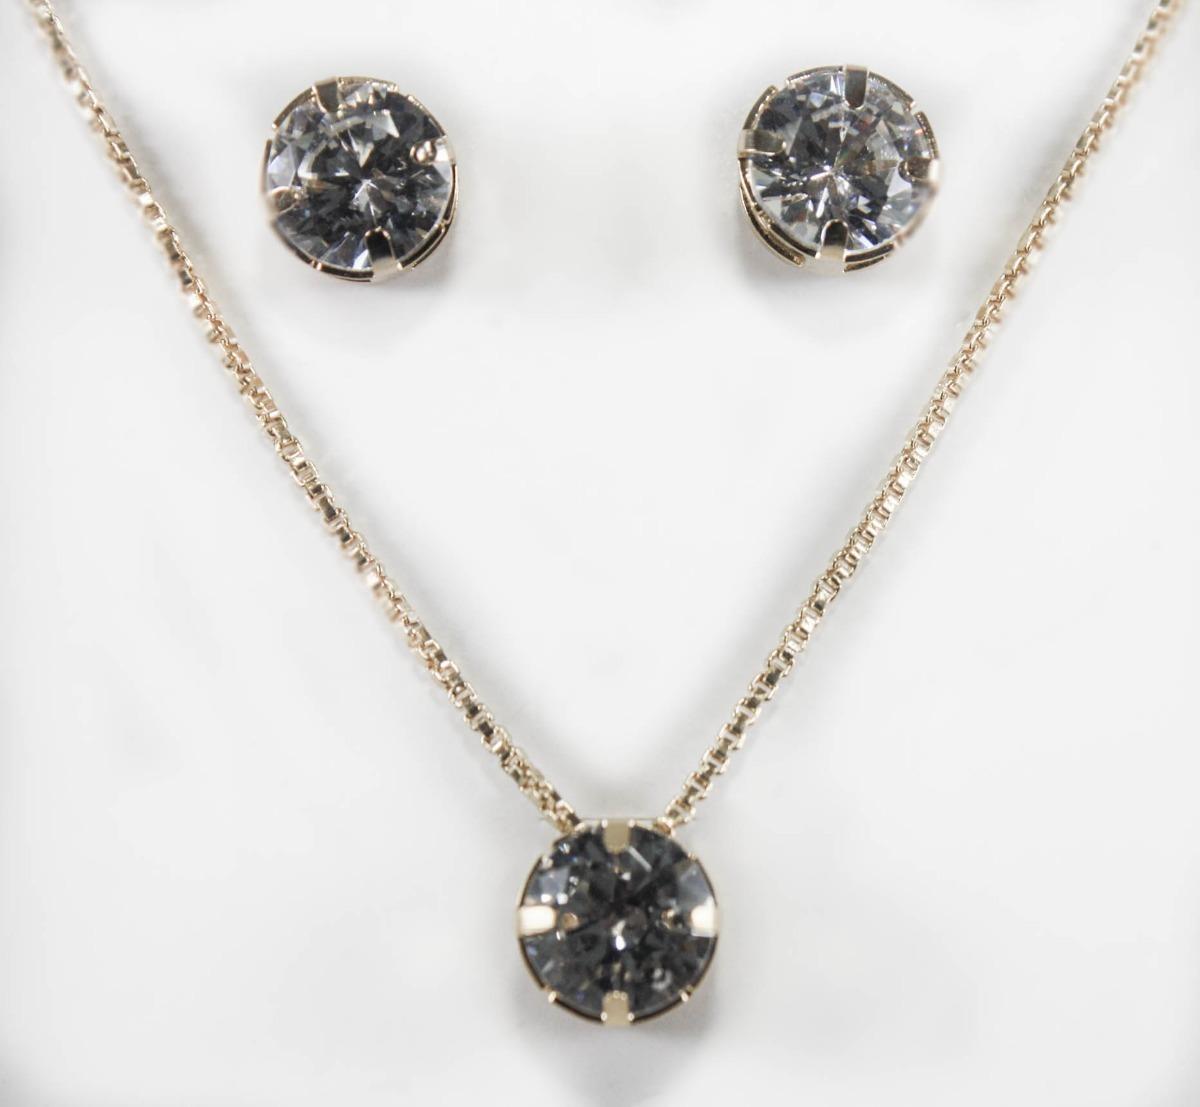 8072862c37508 Conjunto Colar E Brinco Folheado Ouro Pedra Zircônia Cristal - R  64 ...